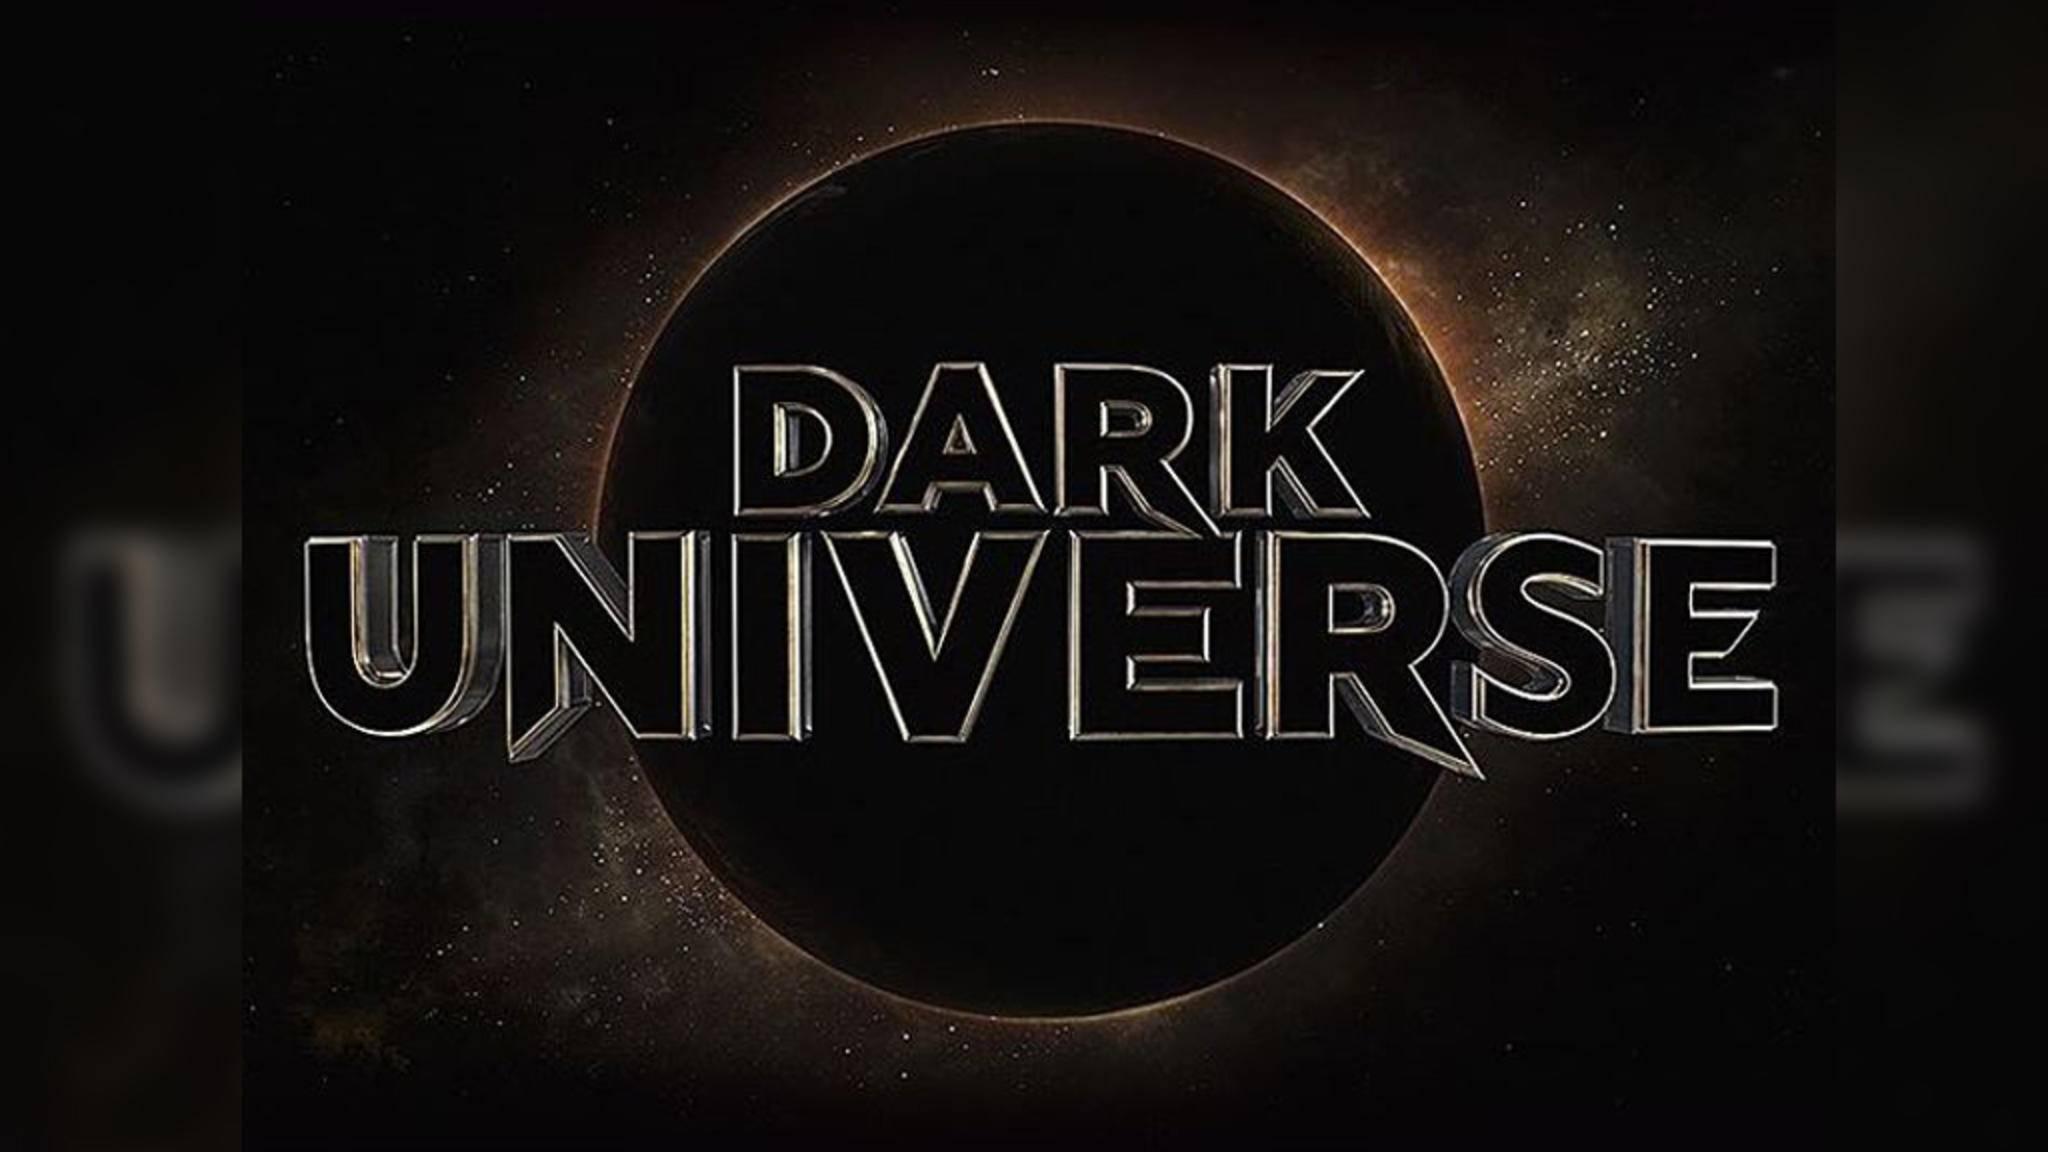 Das Monster-Universum von Universal Pictures geht mit Johnny Depp, Javier Bardem, Russell Crowe, Sofia Boutella und Tom Cruise an den Start.